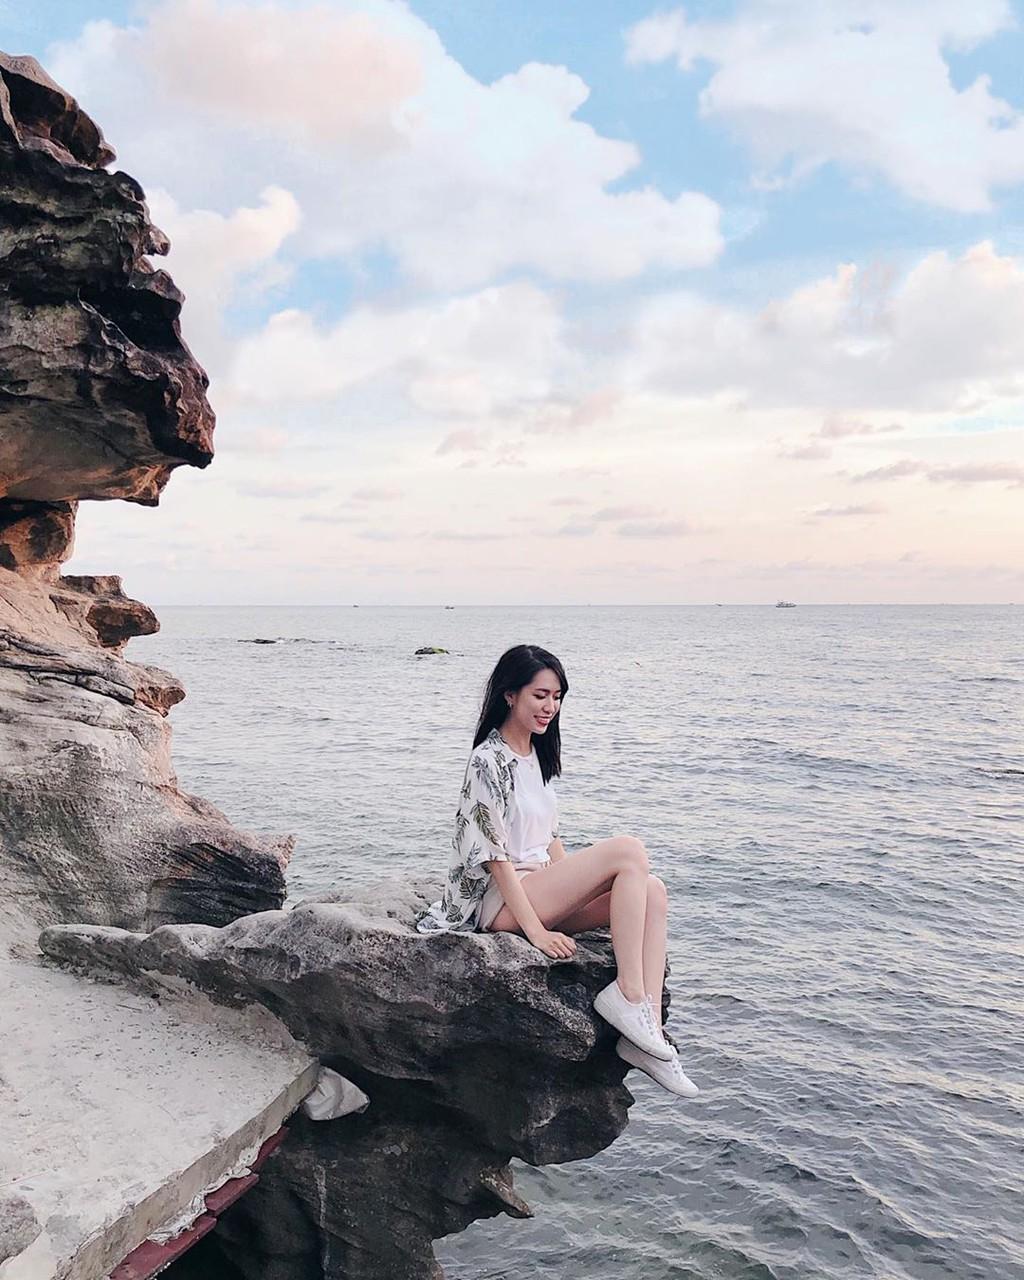 Nằm lòng vạn góc check-in lung linh khi đến Phú Quốc Ảnh 12